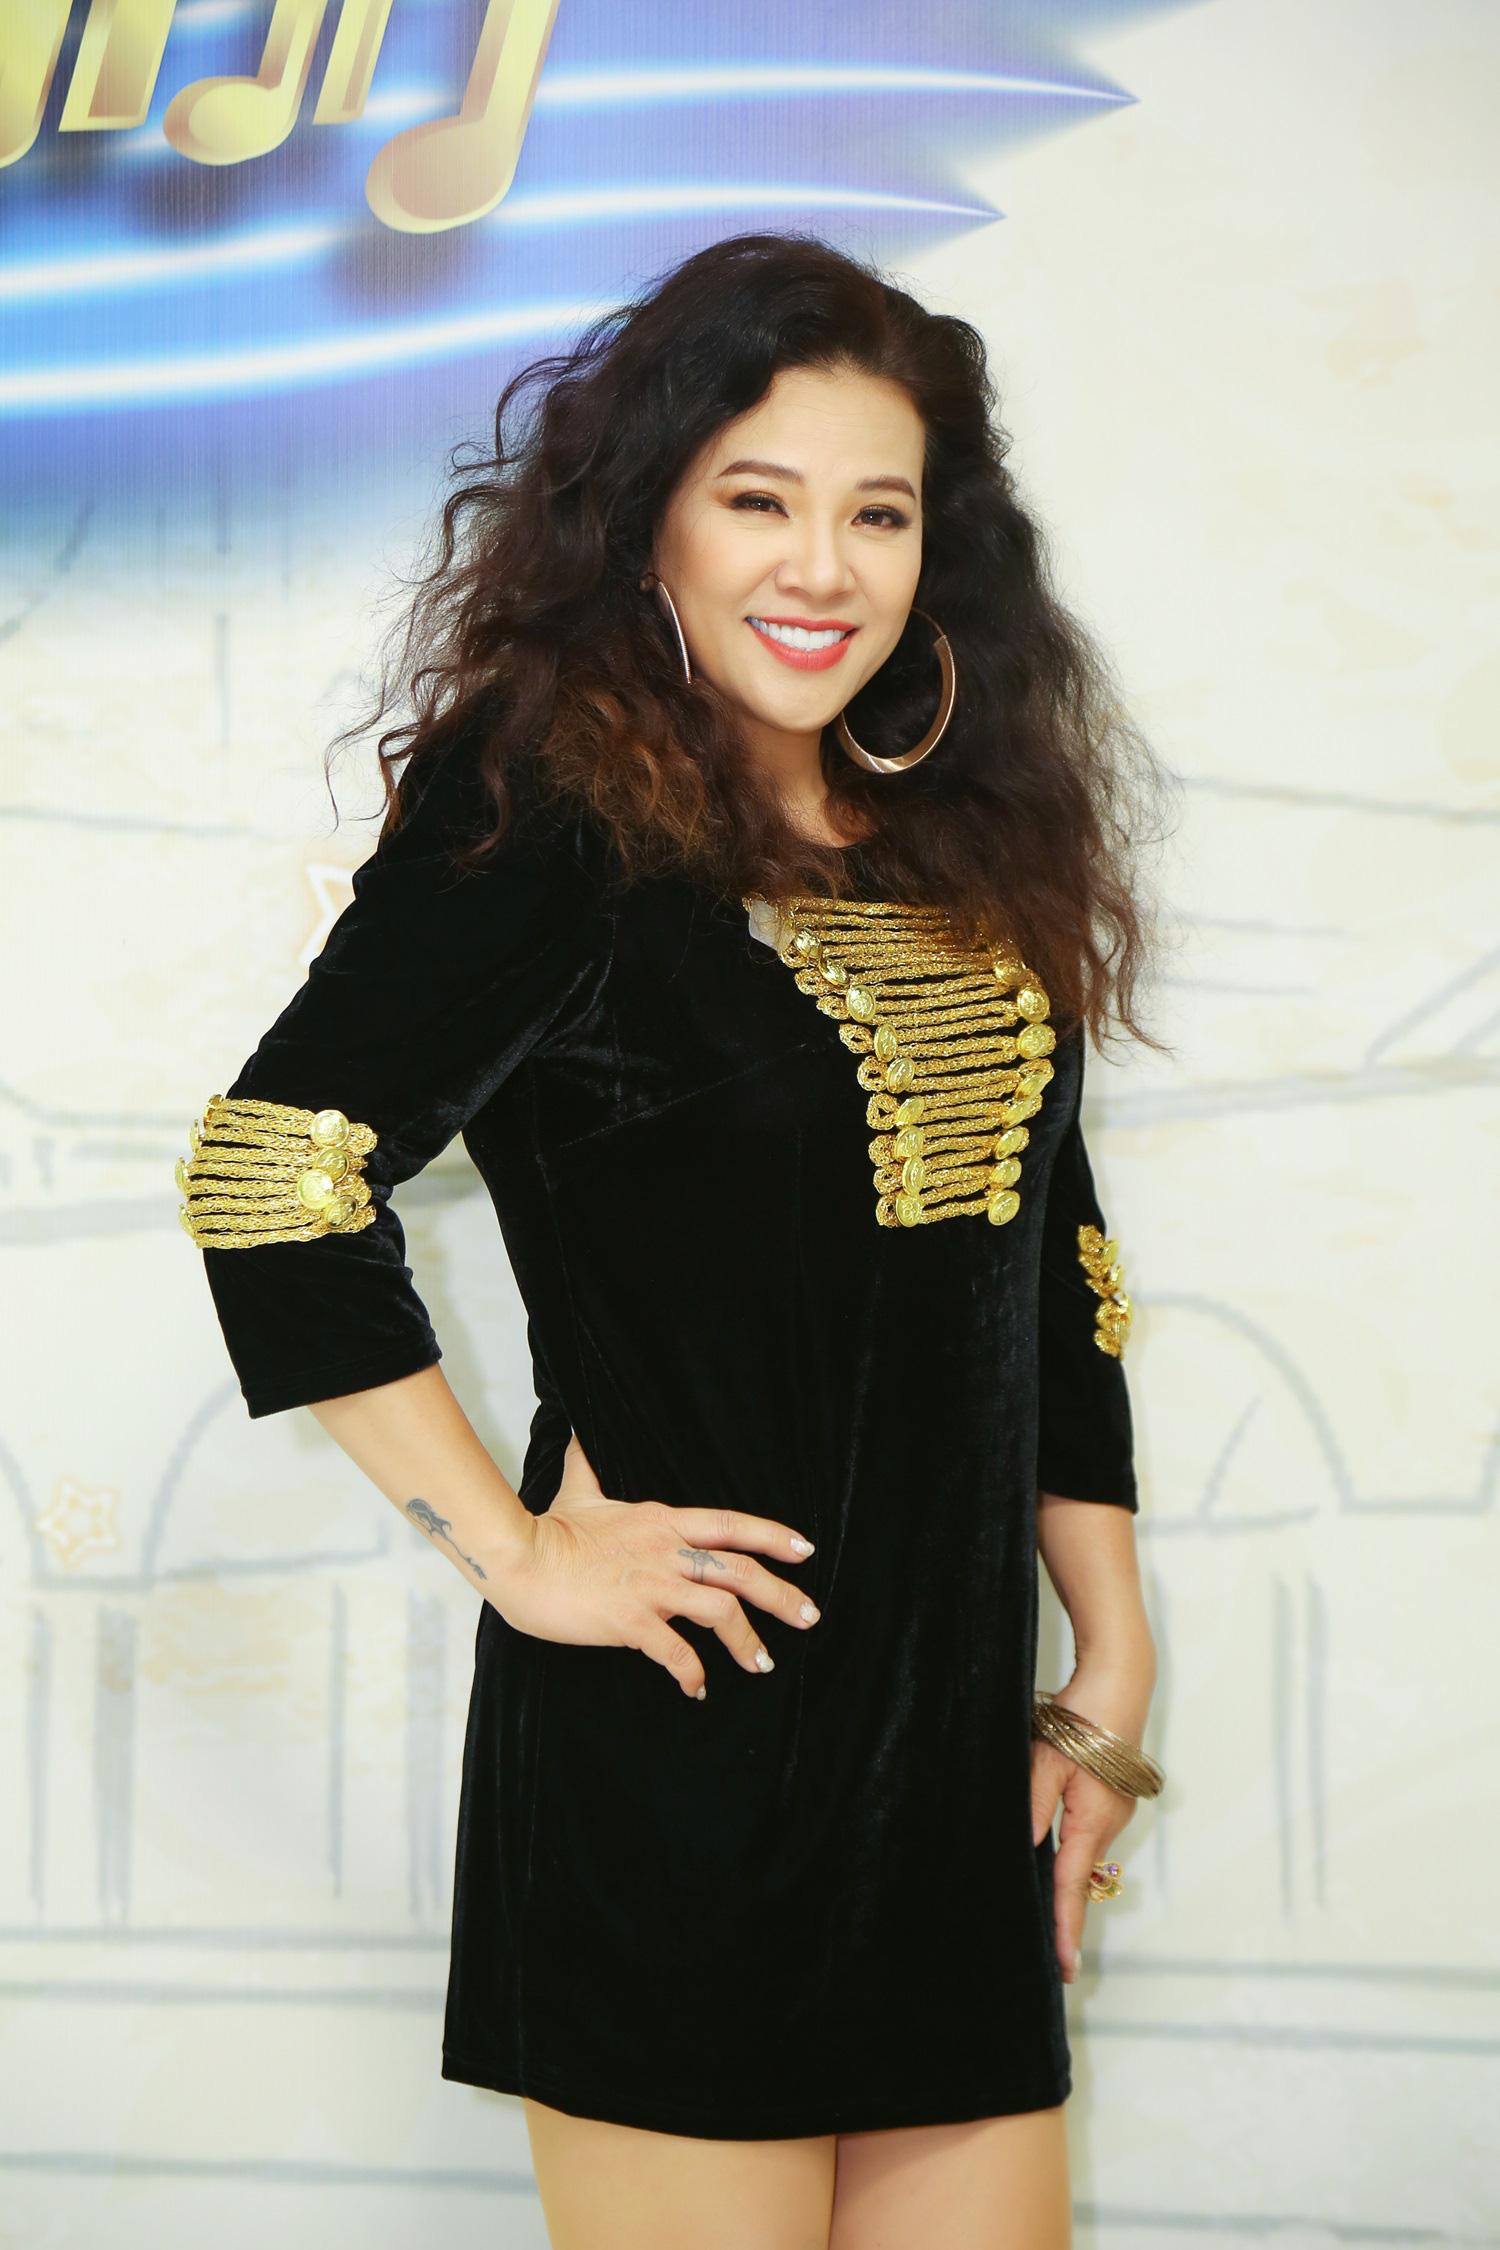 """Nữ hoàng nhạc Pháp: """"Nhờ nhạc sĩ Thanh Tùng mới có một Thanh Hoa như hôm nay"""" - Ảnh 5."""